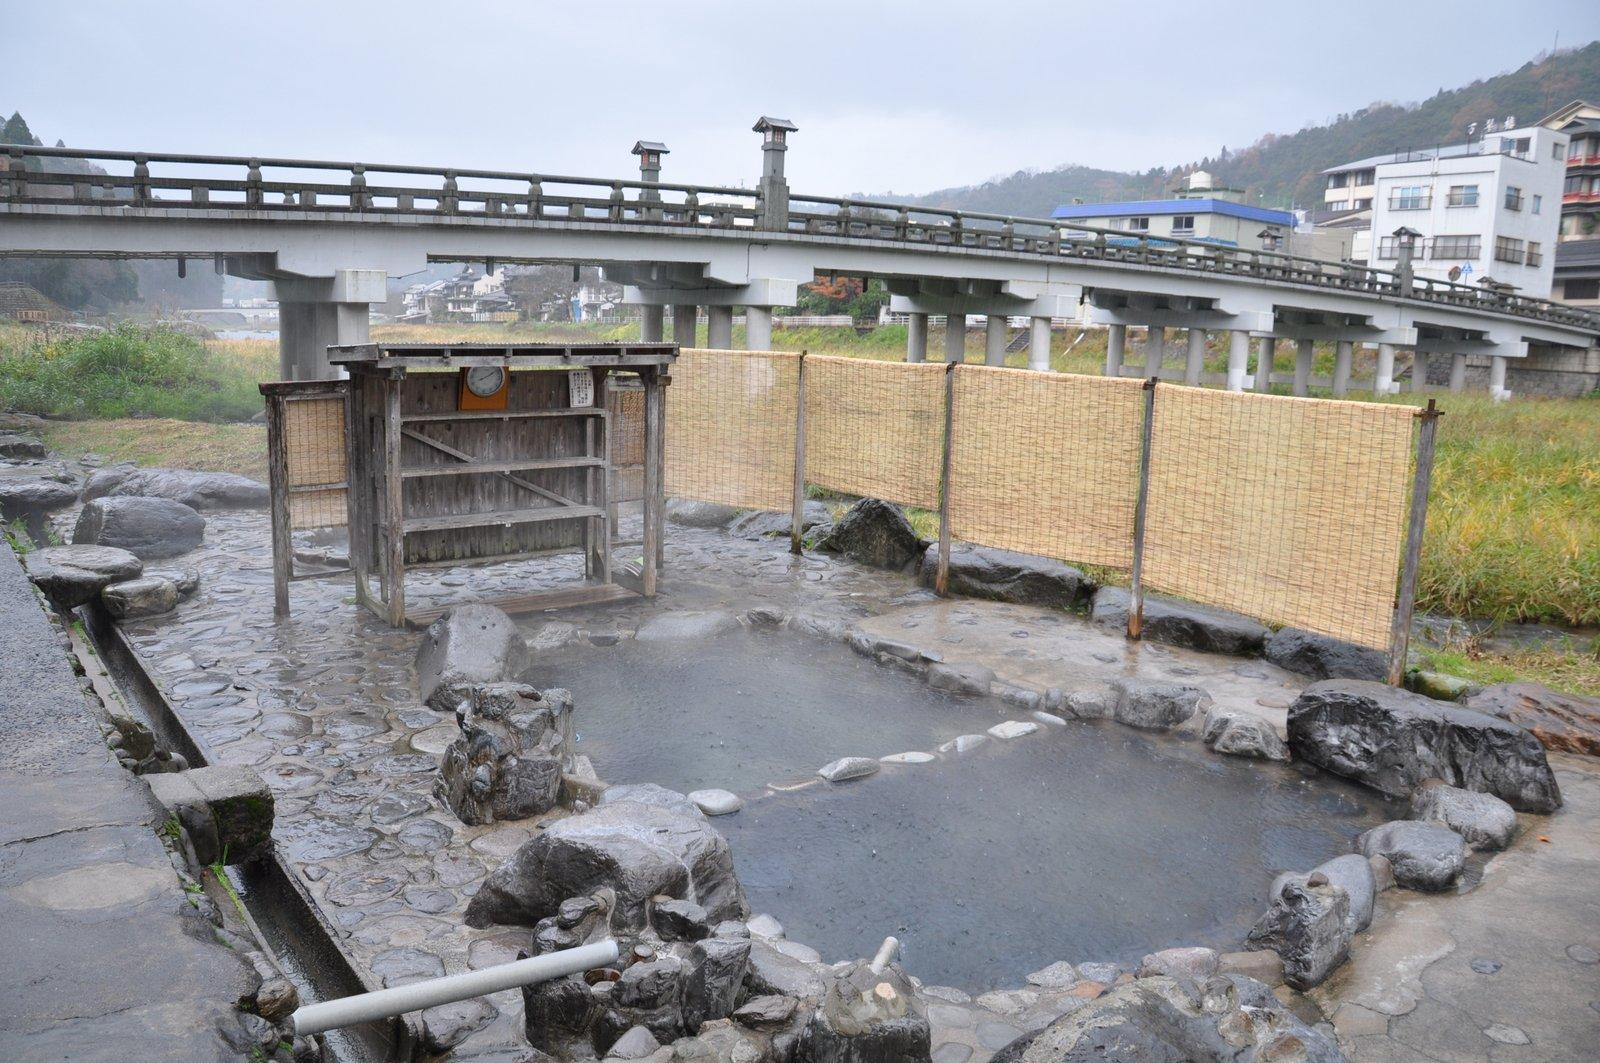 Onsen à l'air libre et gratuit à Misasa